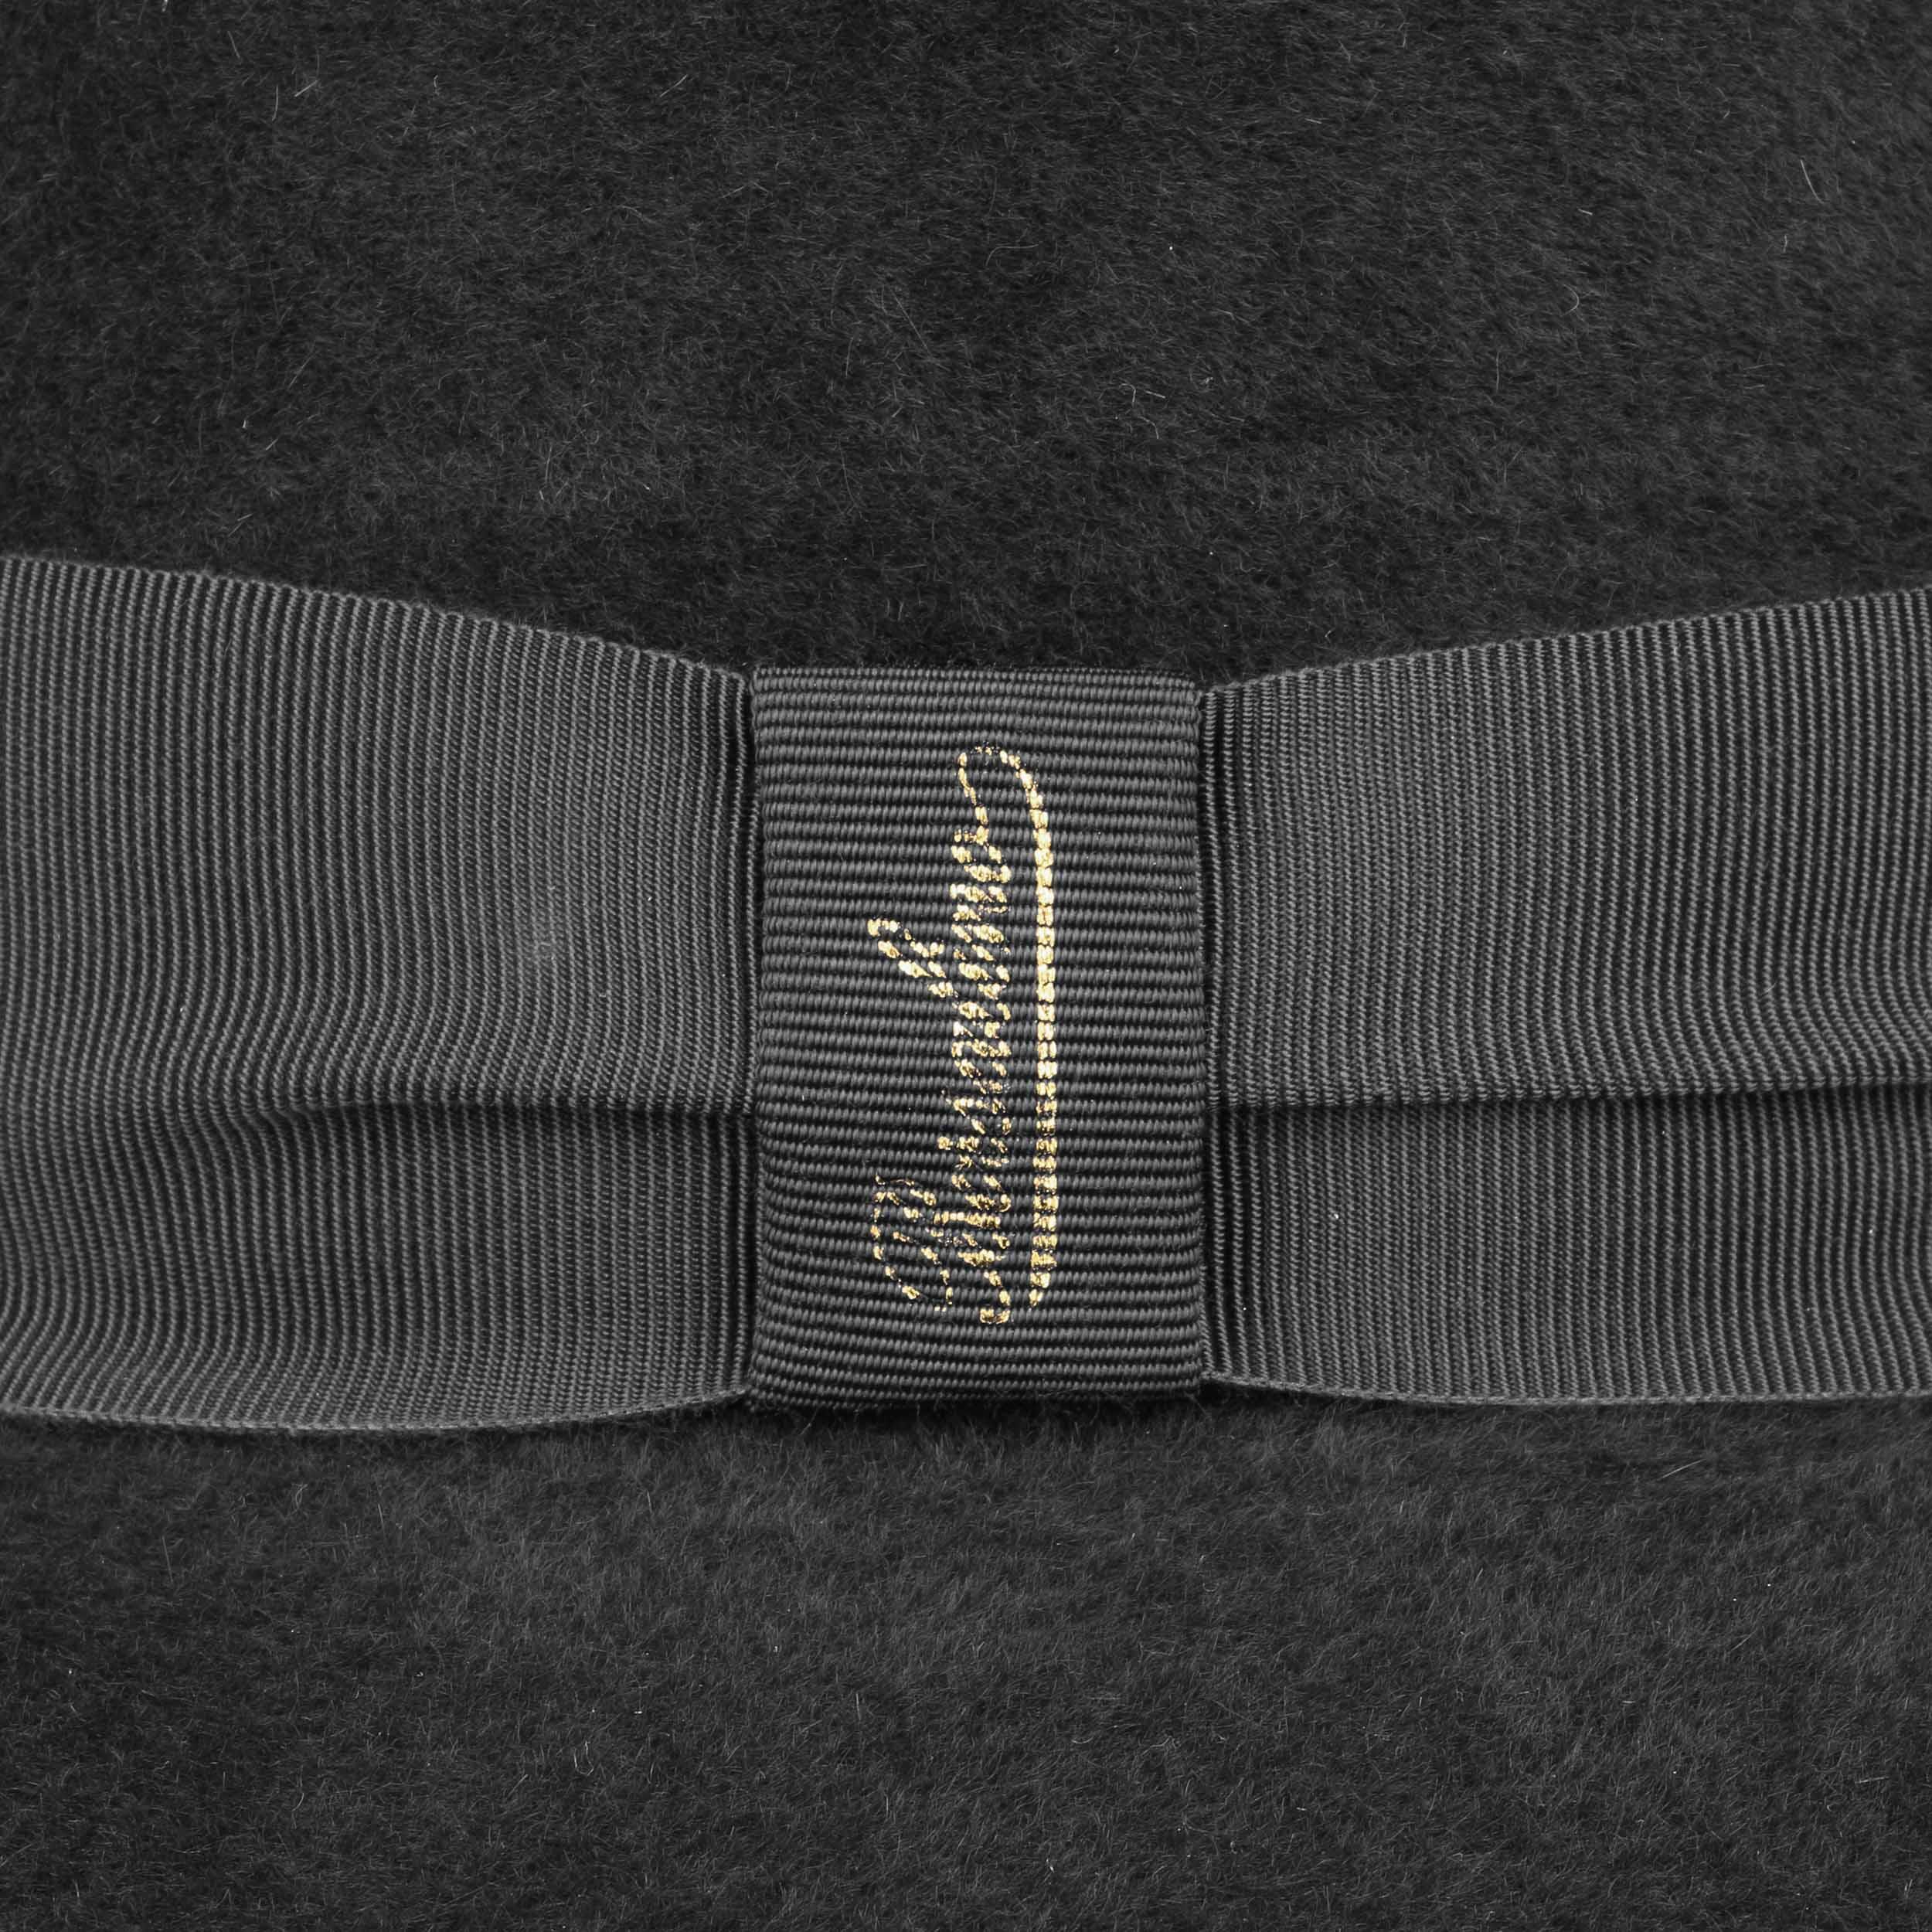 ... Cappello da Donna Audrey by Borsalino - nero 4 ... ca2e1470ed0d